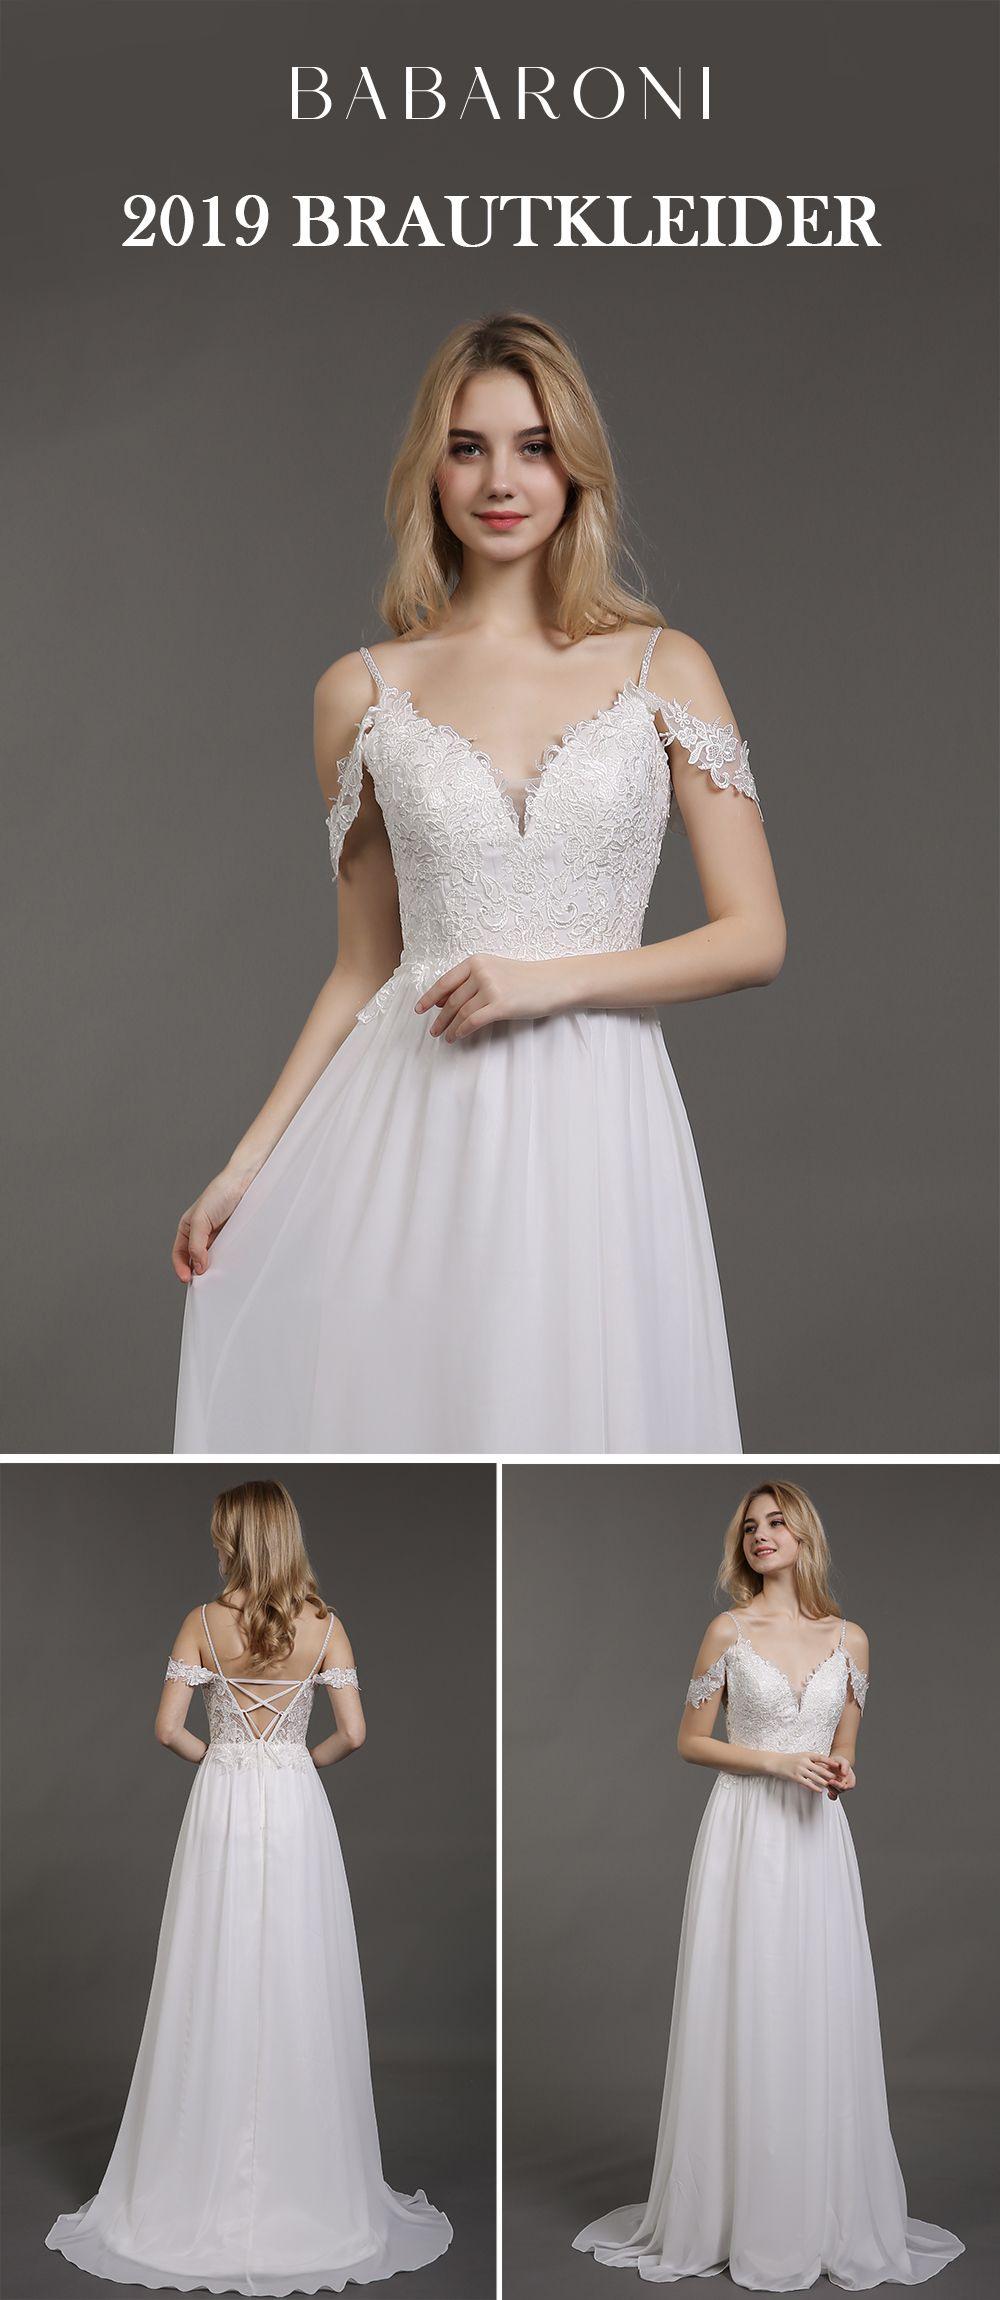 Babaroni Gaia | Hochzeitsfeier Kleider, Schöne Brautkleider